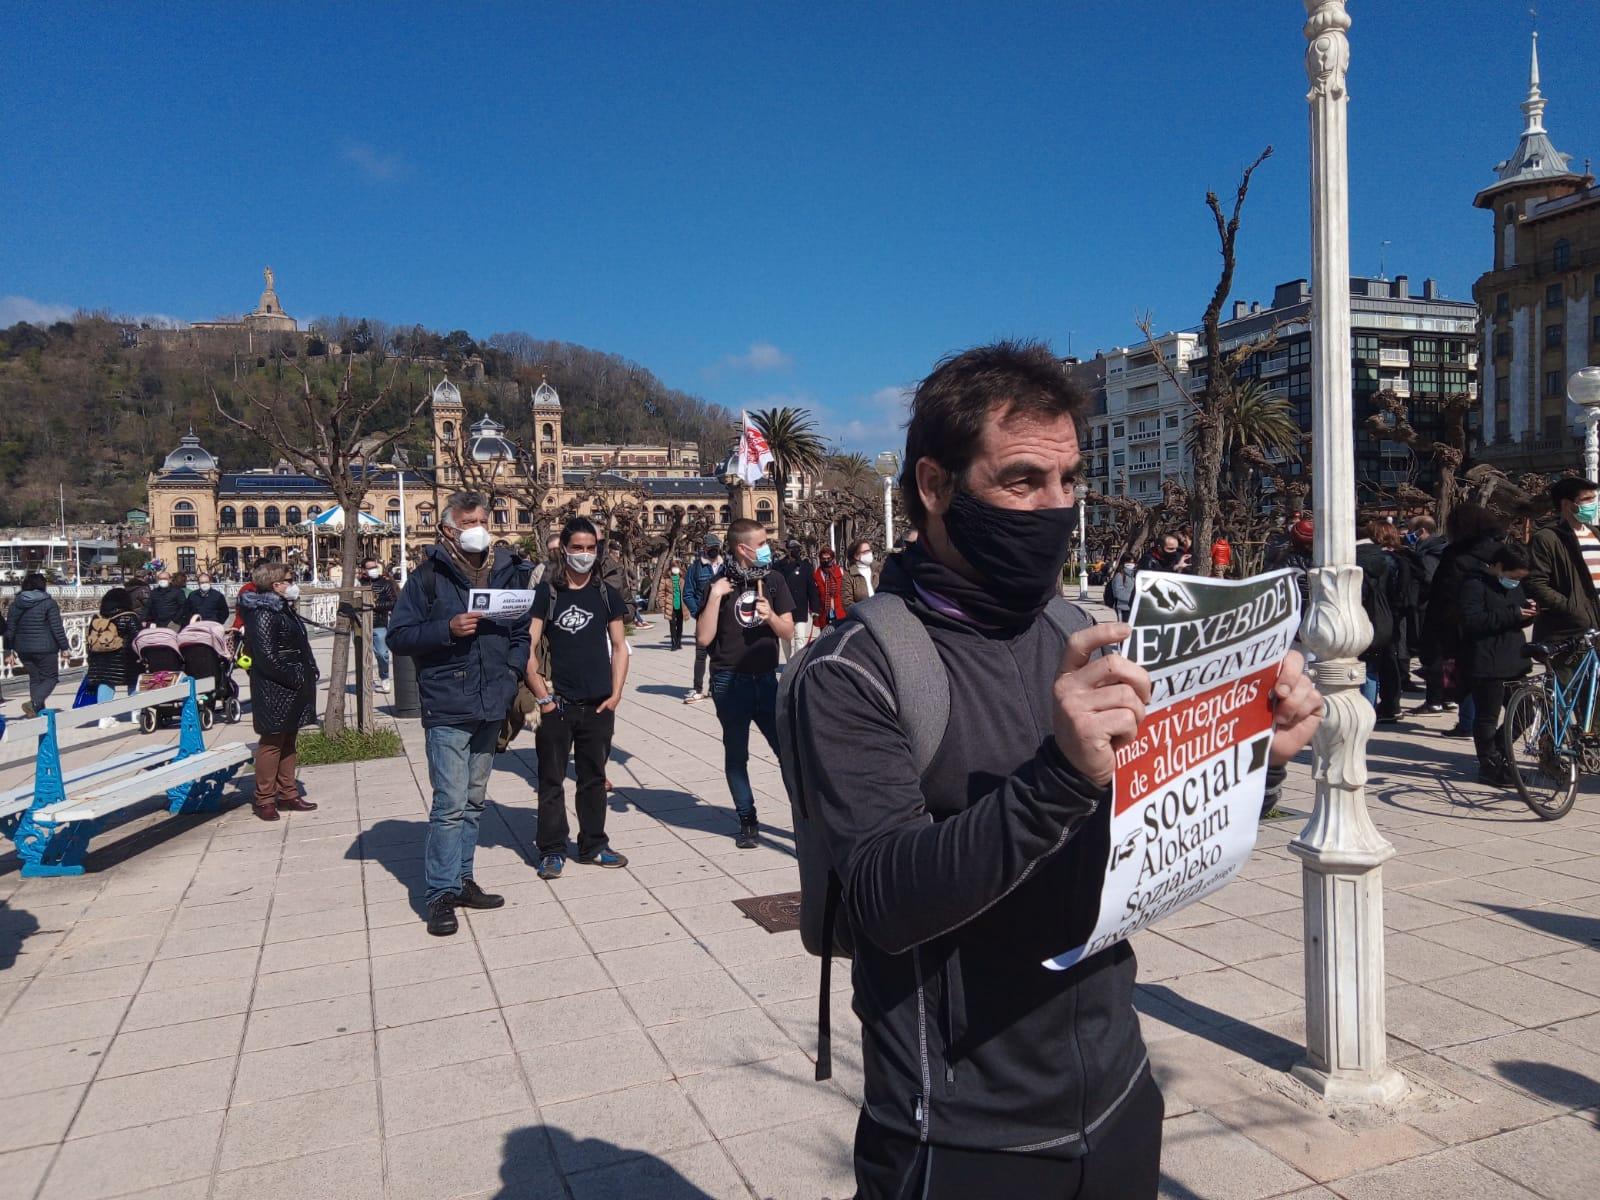 IMG 20210320 WA0011 - Donostia también se manifiesta por el derecho a la vivienda